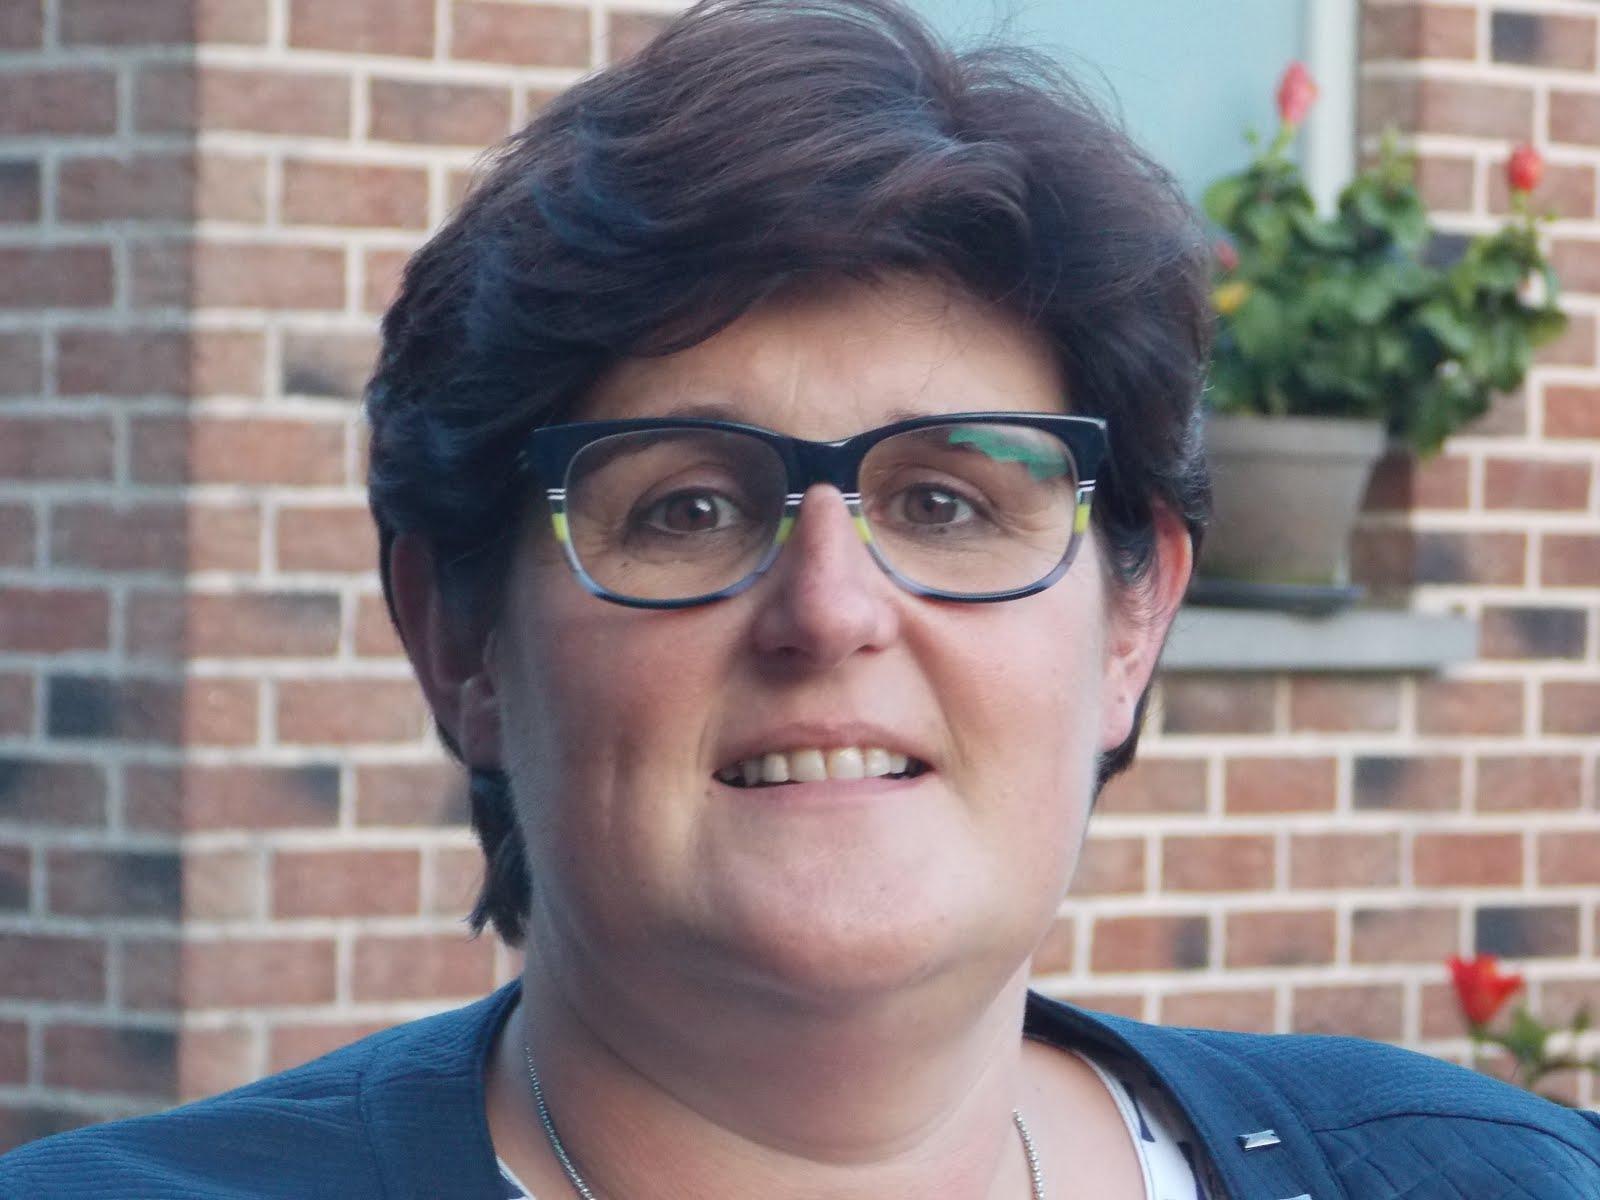 Onze directeur 'Directeur Sabine'